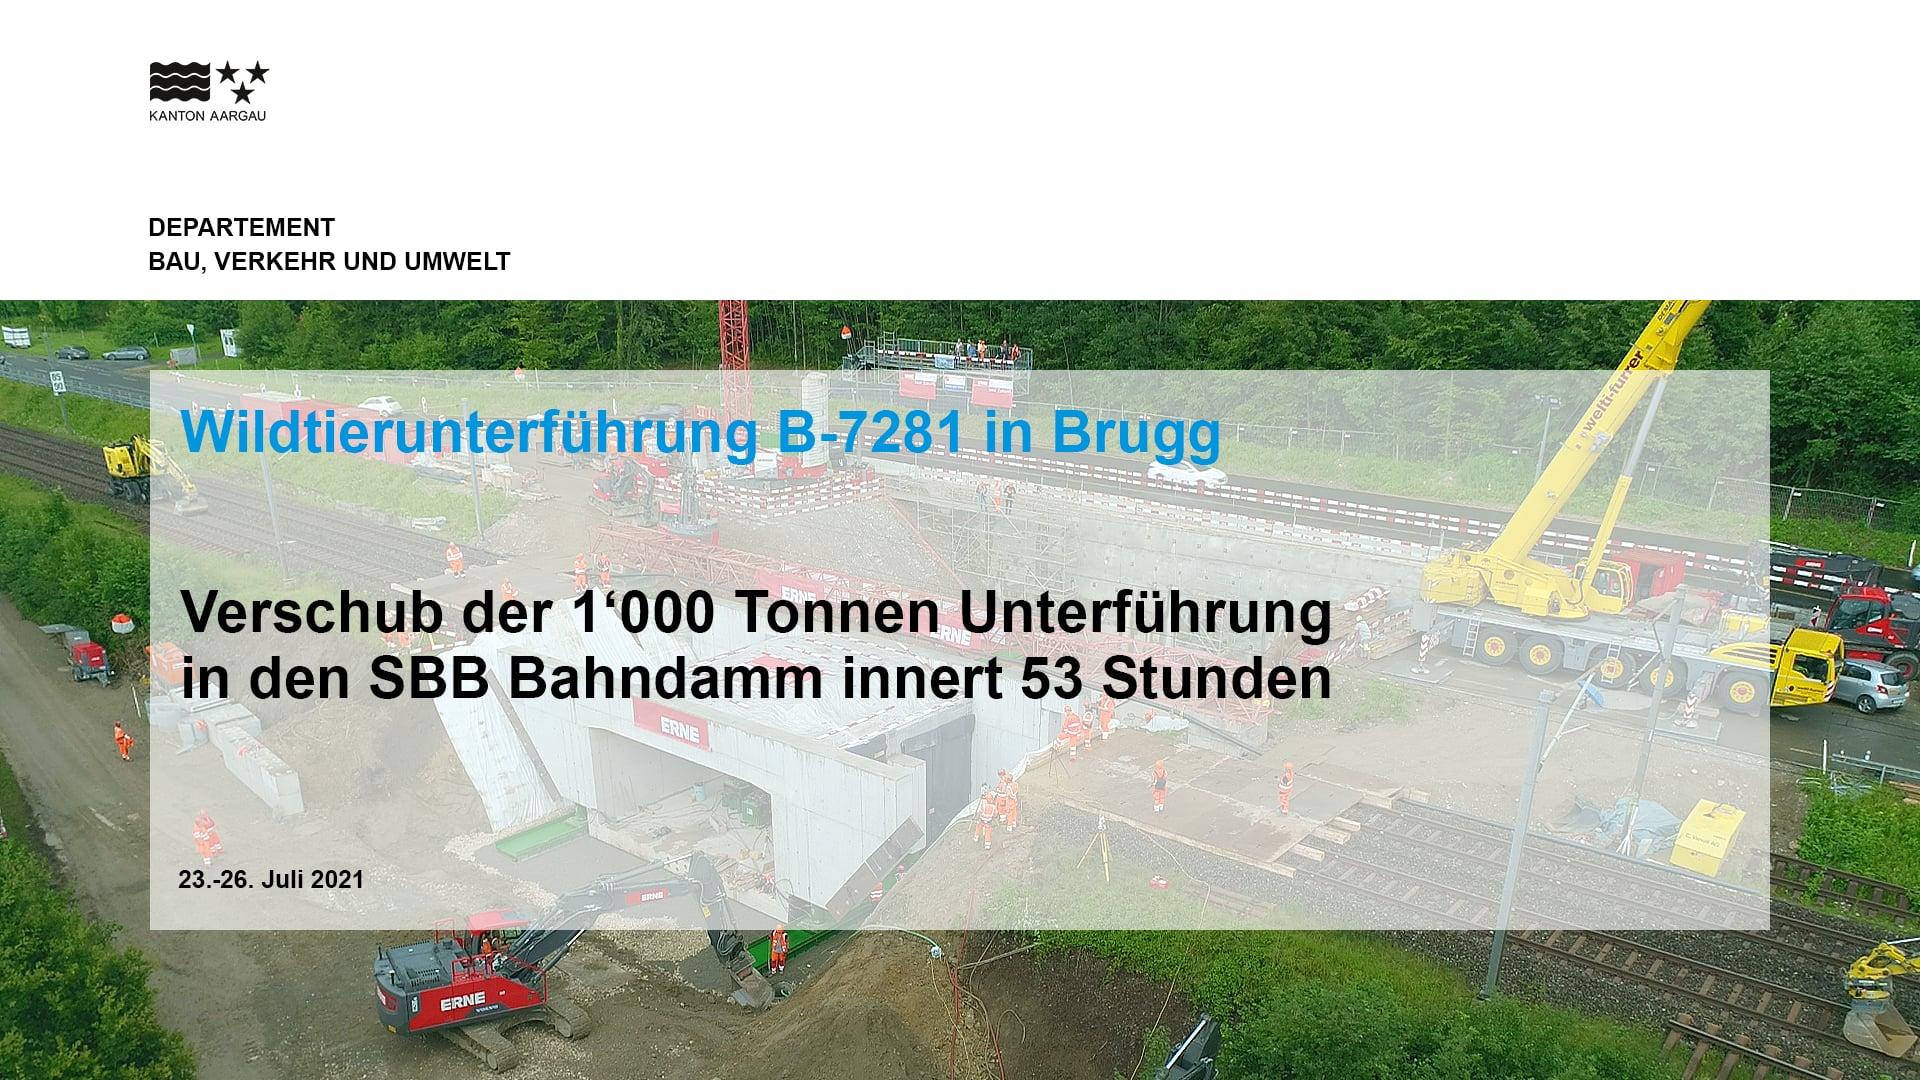 BauDoku WTU - Wildtierunterführung B-7281 in Brugg